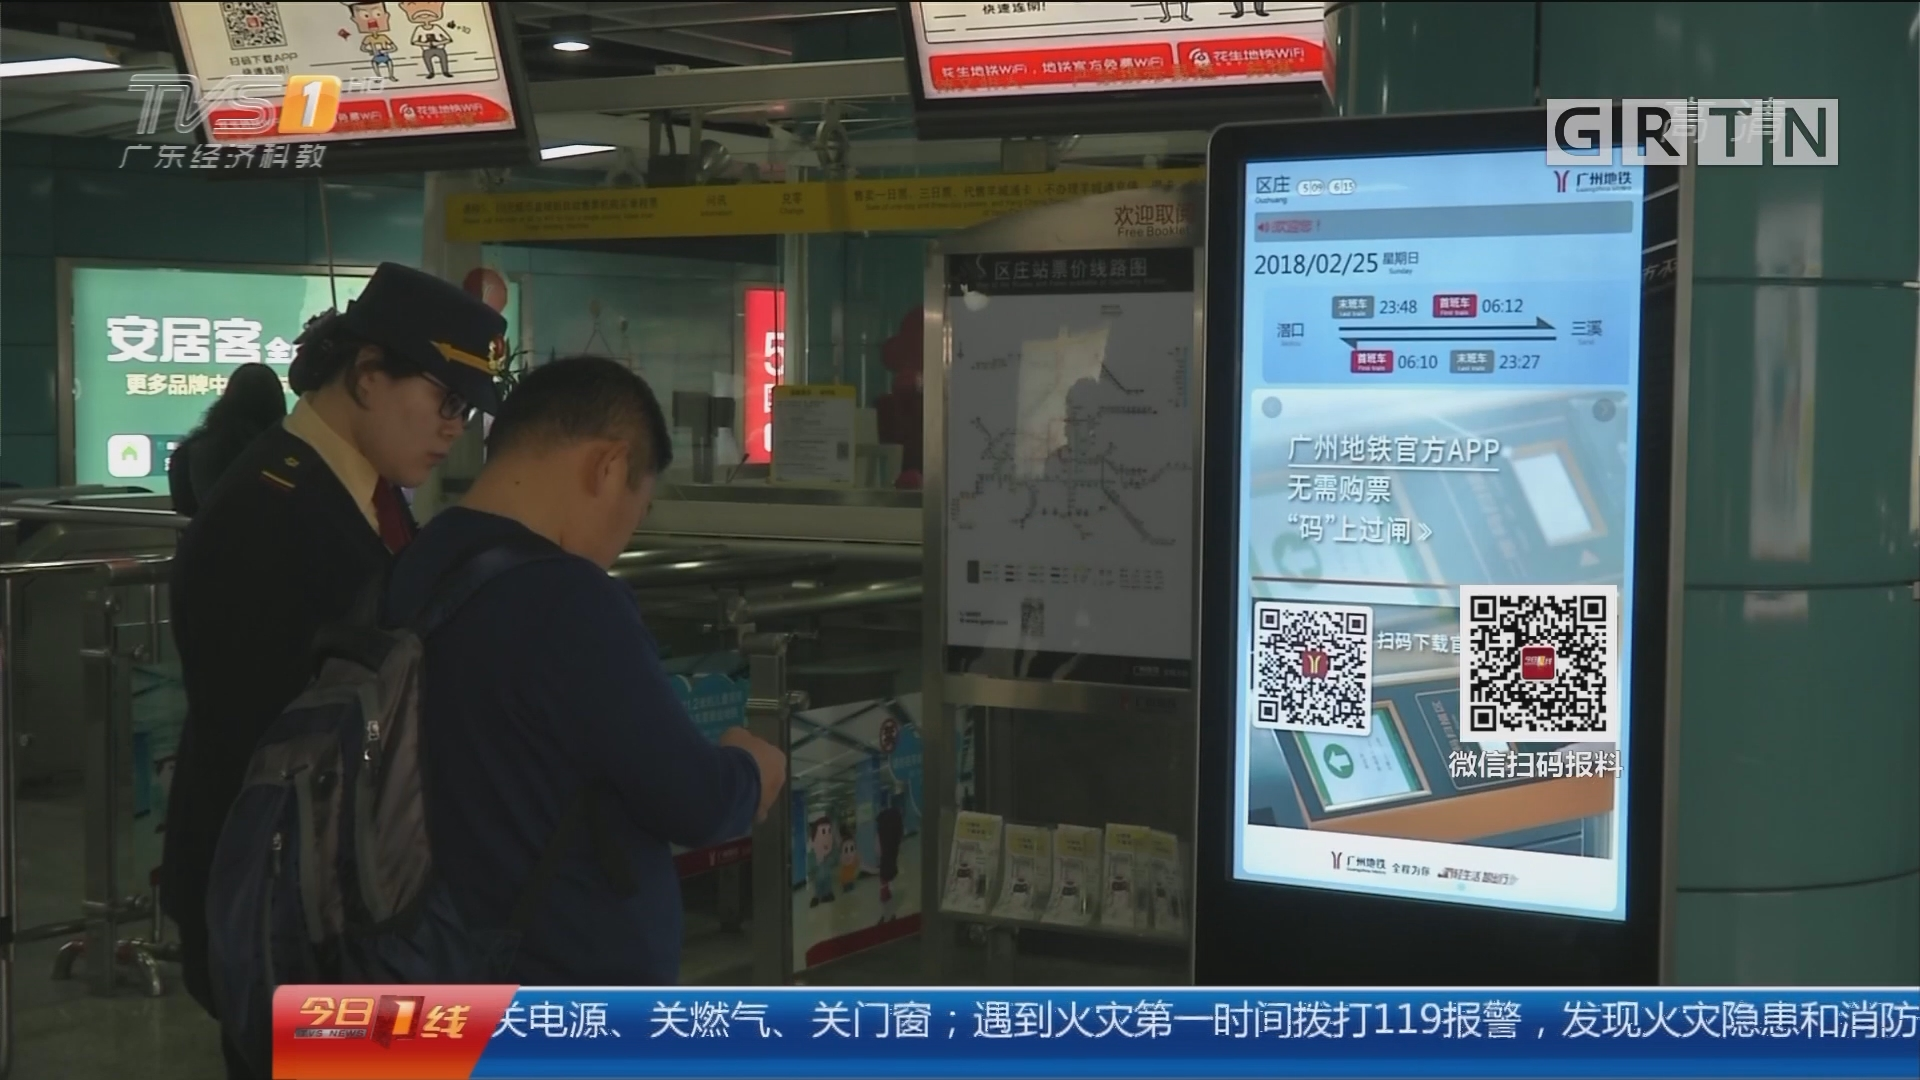 广州:地铁APP可以扫码过闸